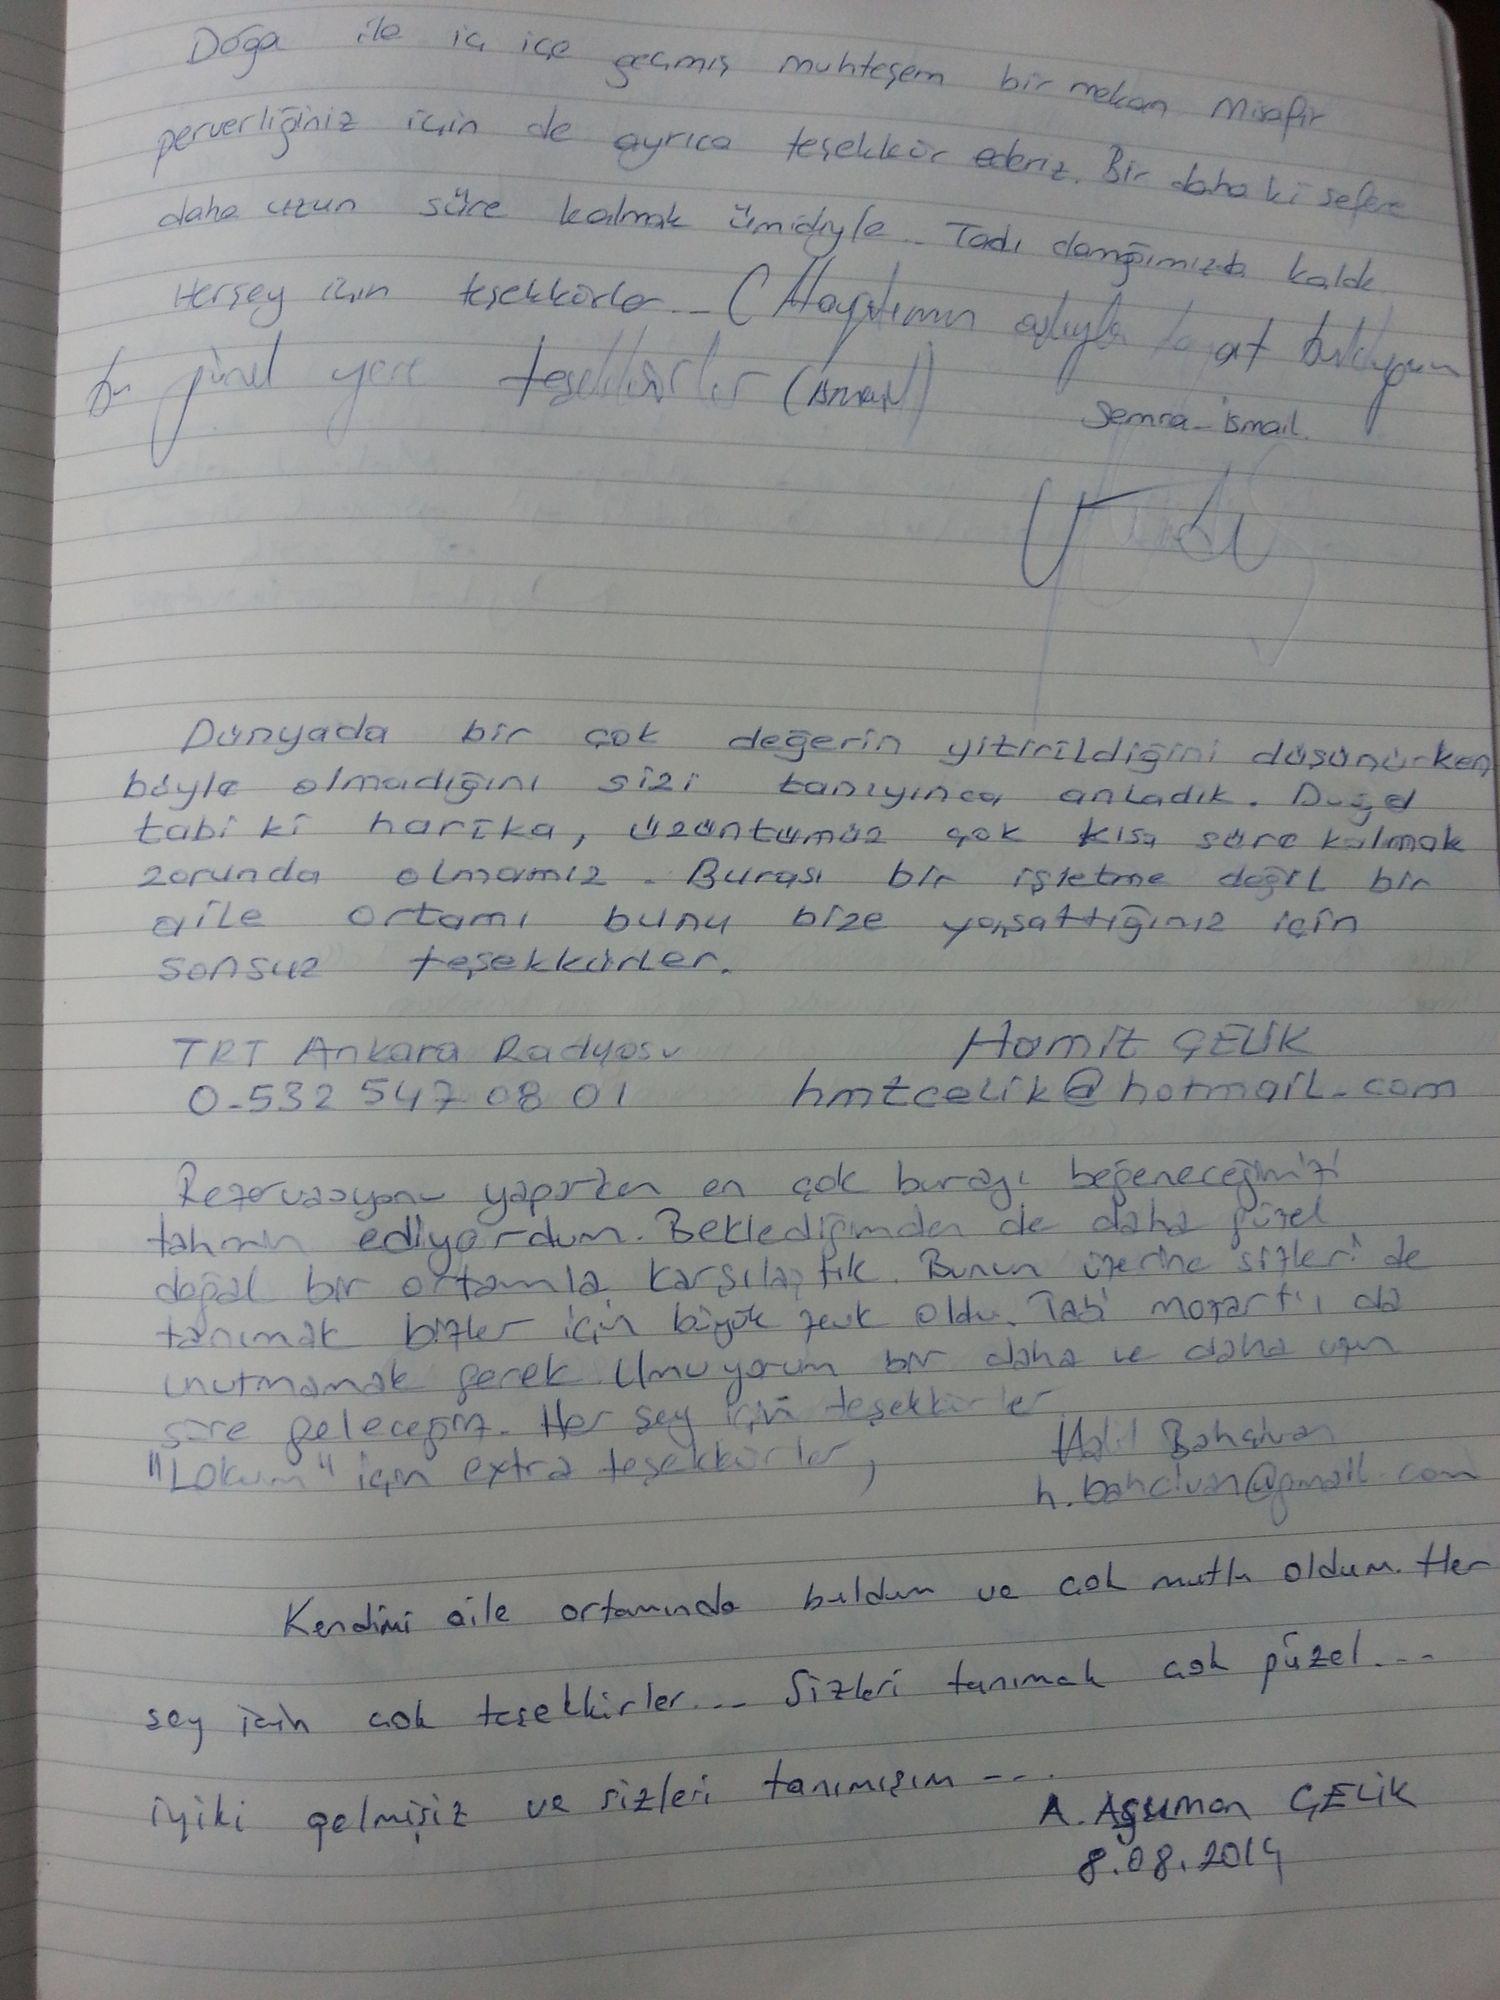 ekodanitap_referanslar_21